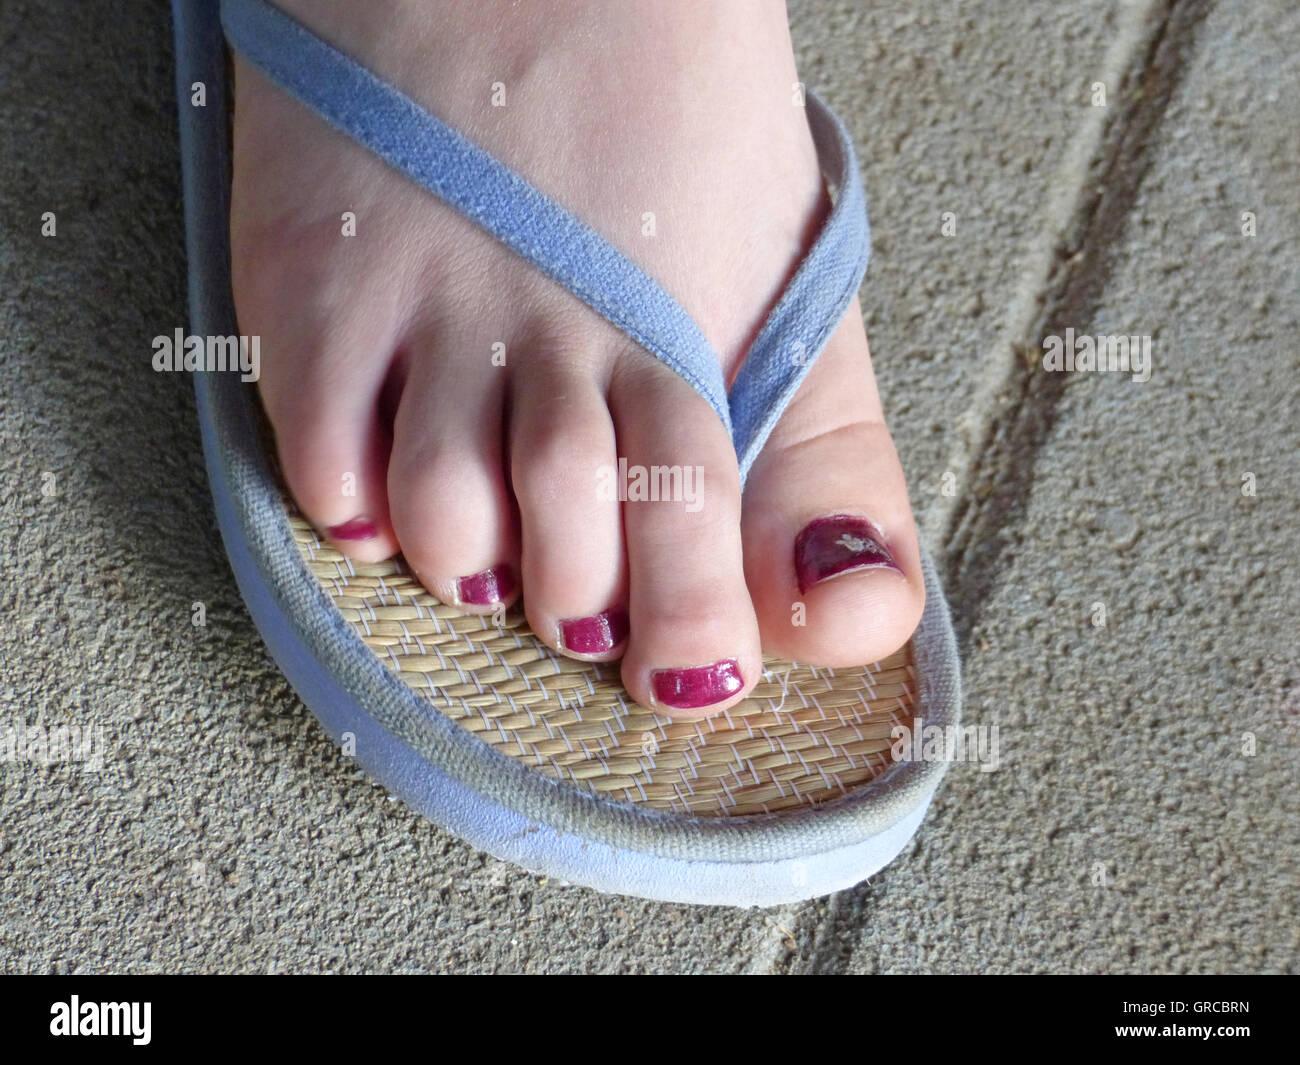 Fuß einer Frau In ein Flip-Flop Stockfoto